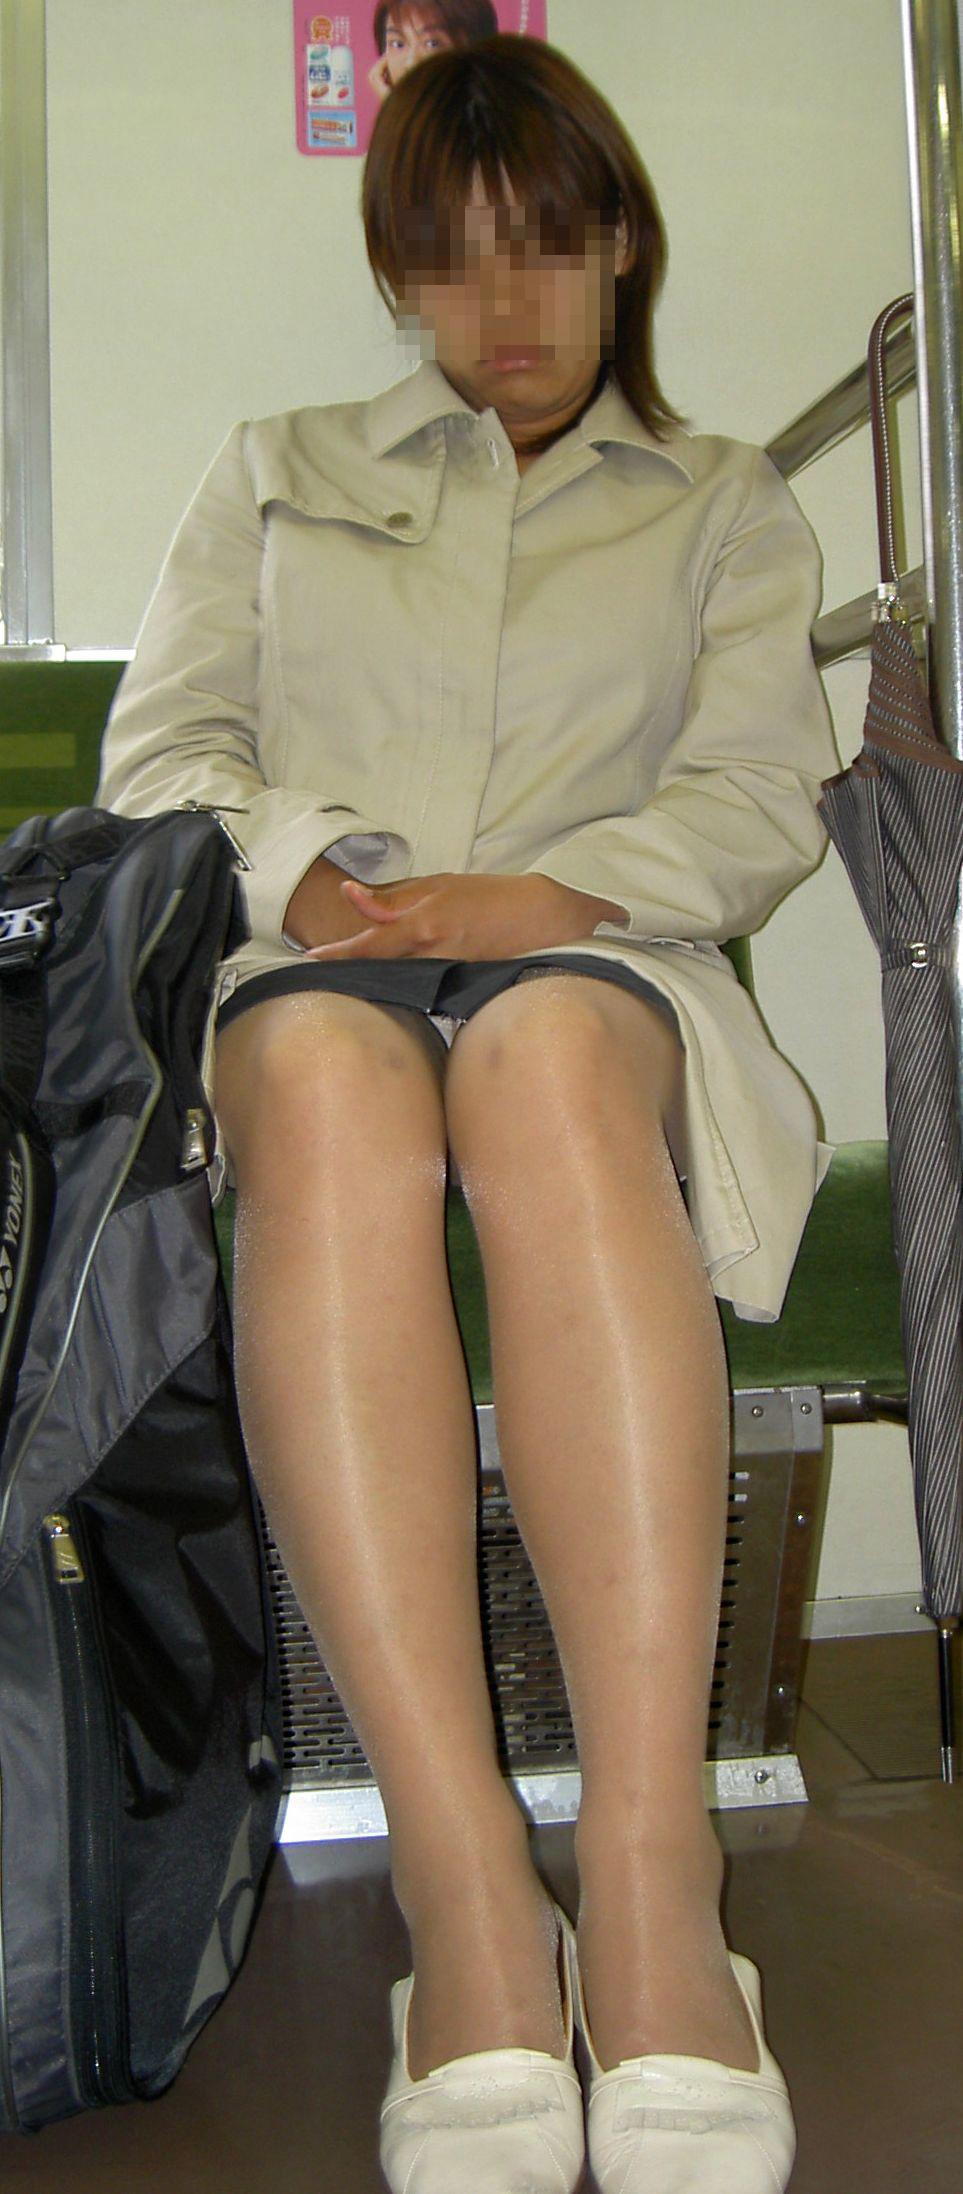 【パンチラエロ画像】対面さえとれば後はこっそり…電車内のパンチラ観察www 20